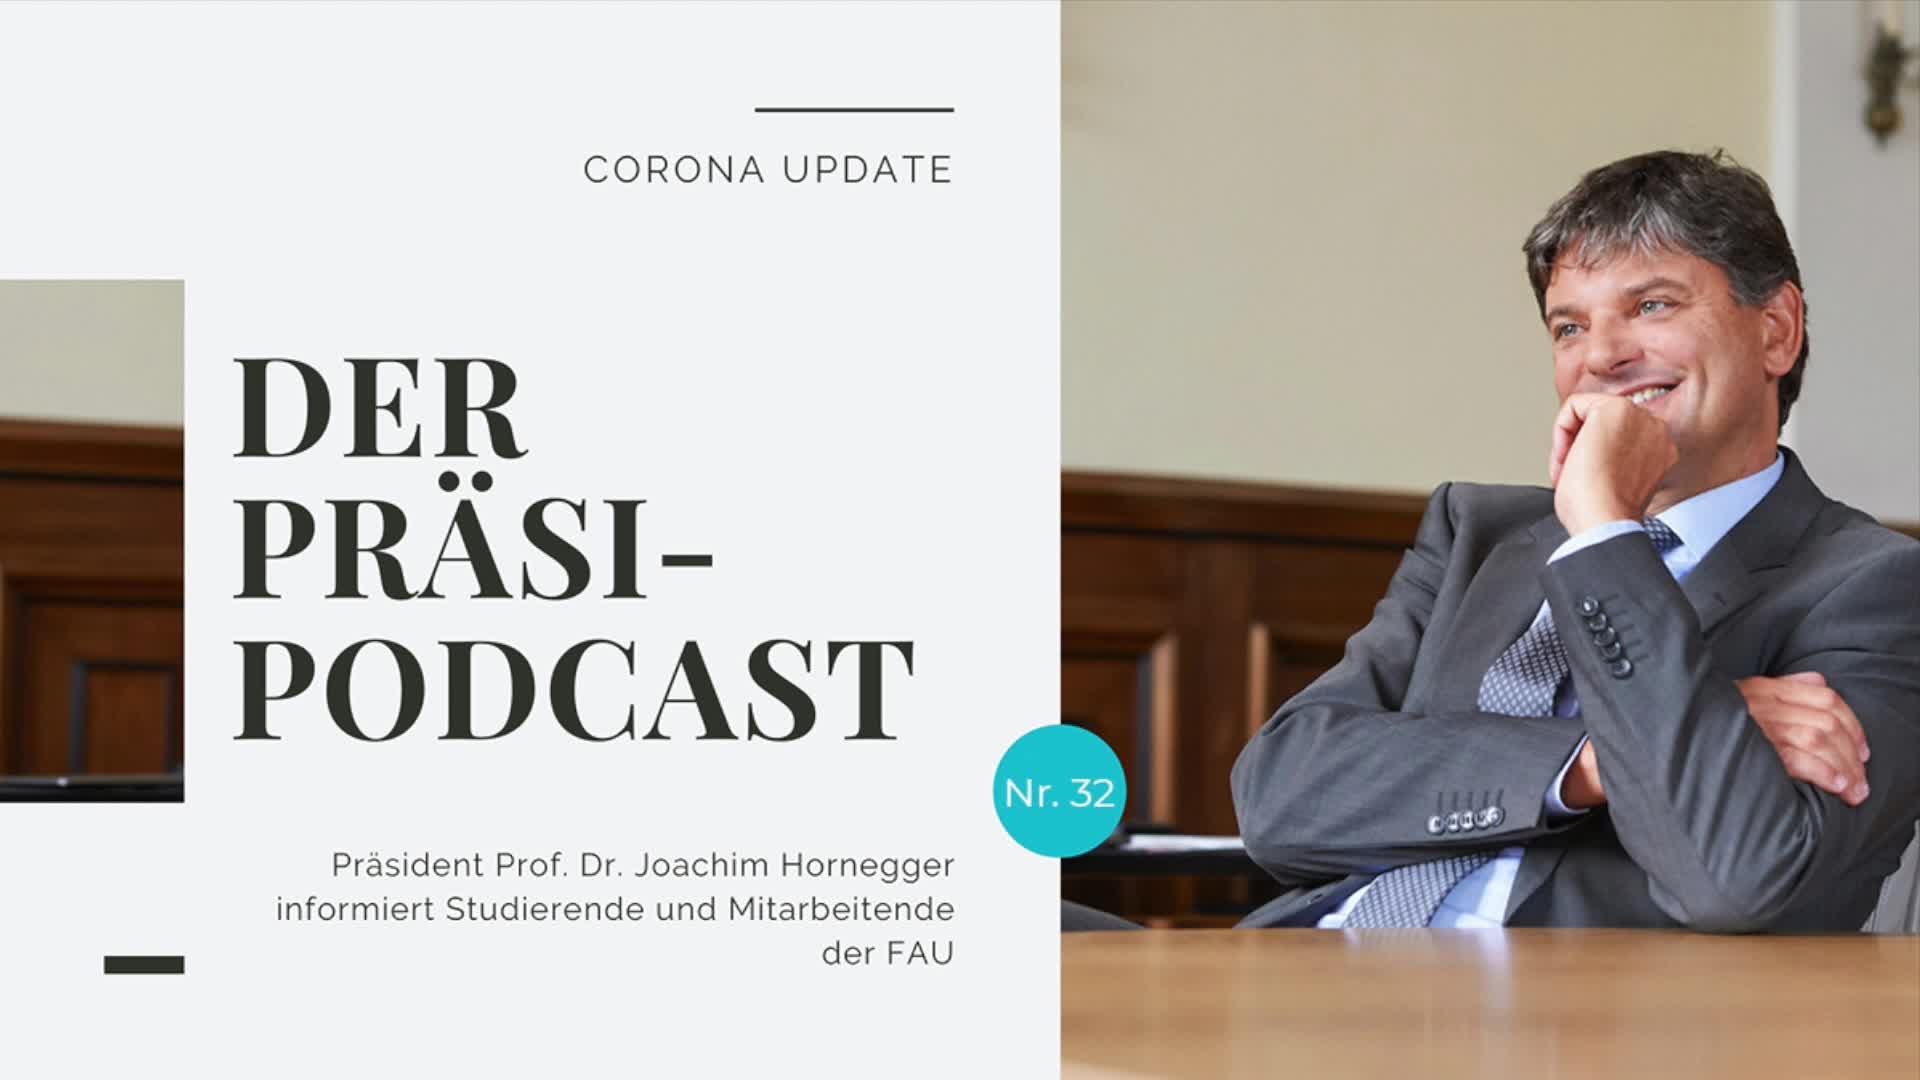 """""""Der Präsi-Podcast"""" vom 26. November 2020 preview image"""